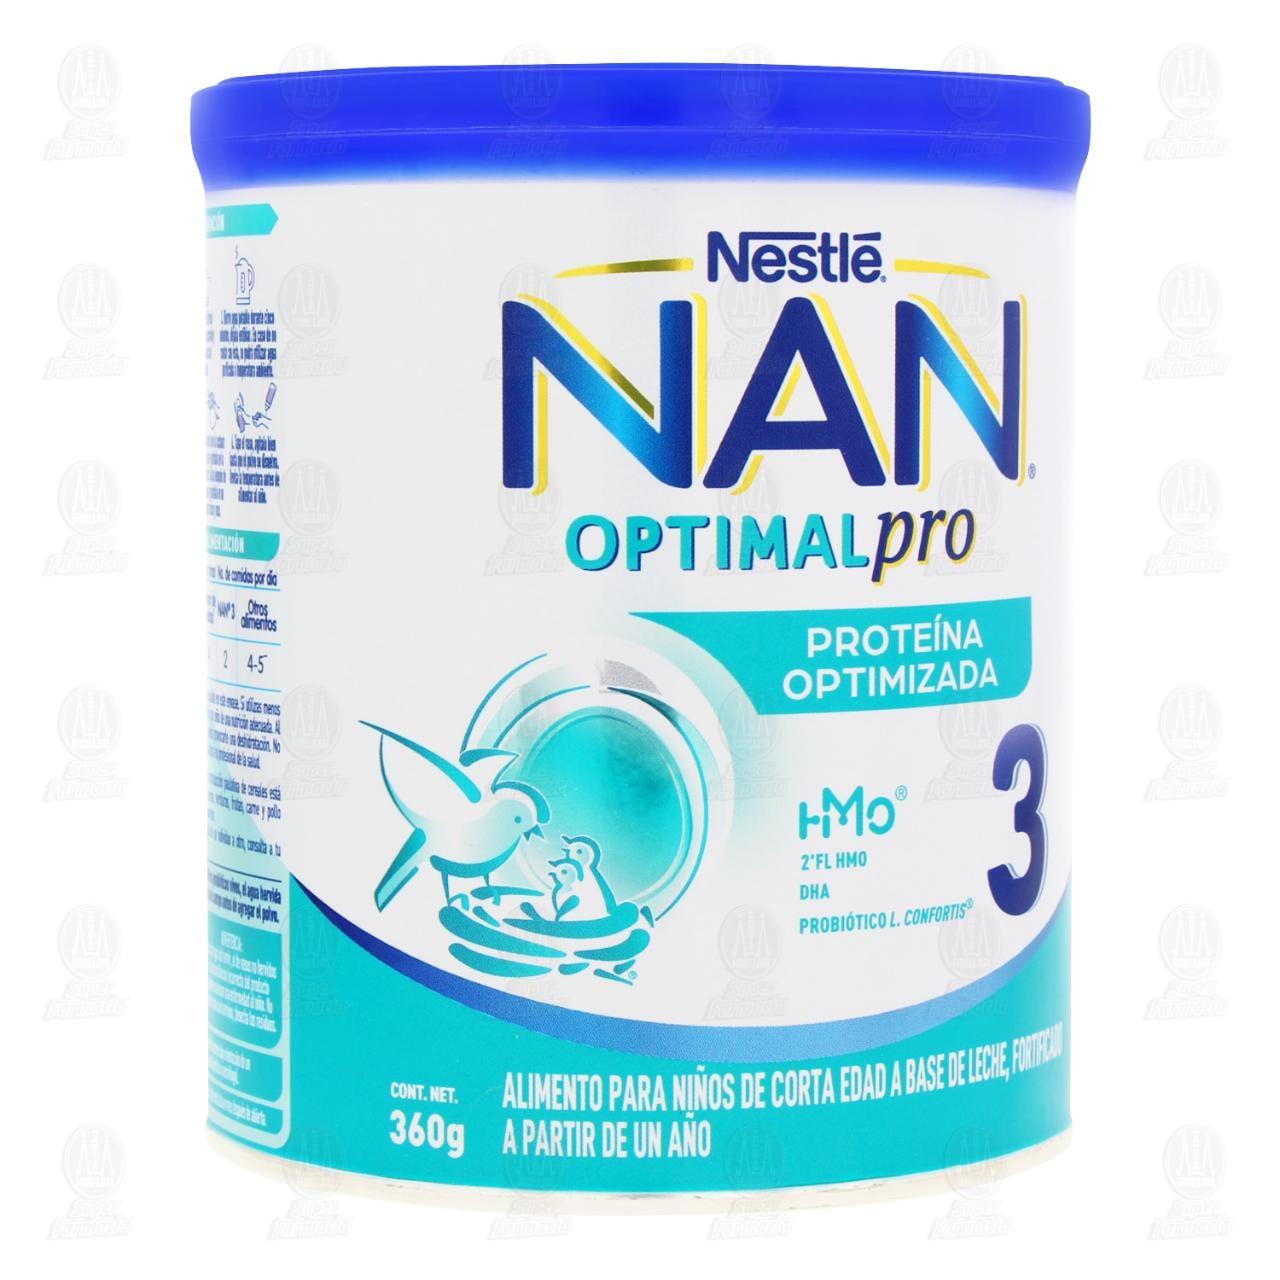 Comprar Alimento para Niños NAN 3 Optimal Pro (A Partir de 1 Año), 400 gr. en Farmacias Guadalajara